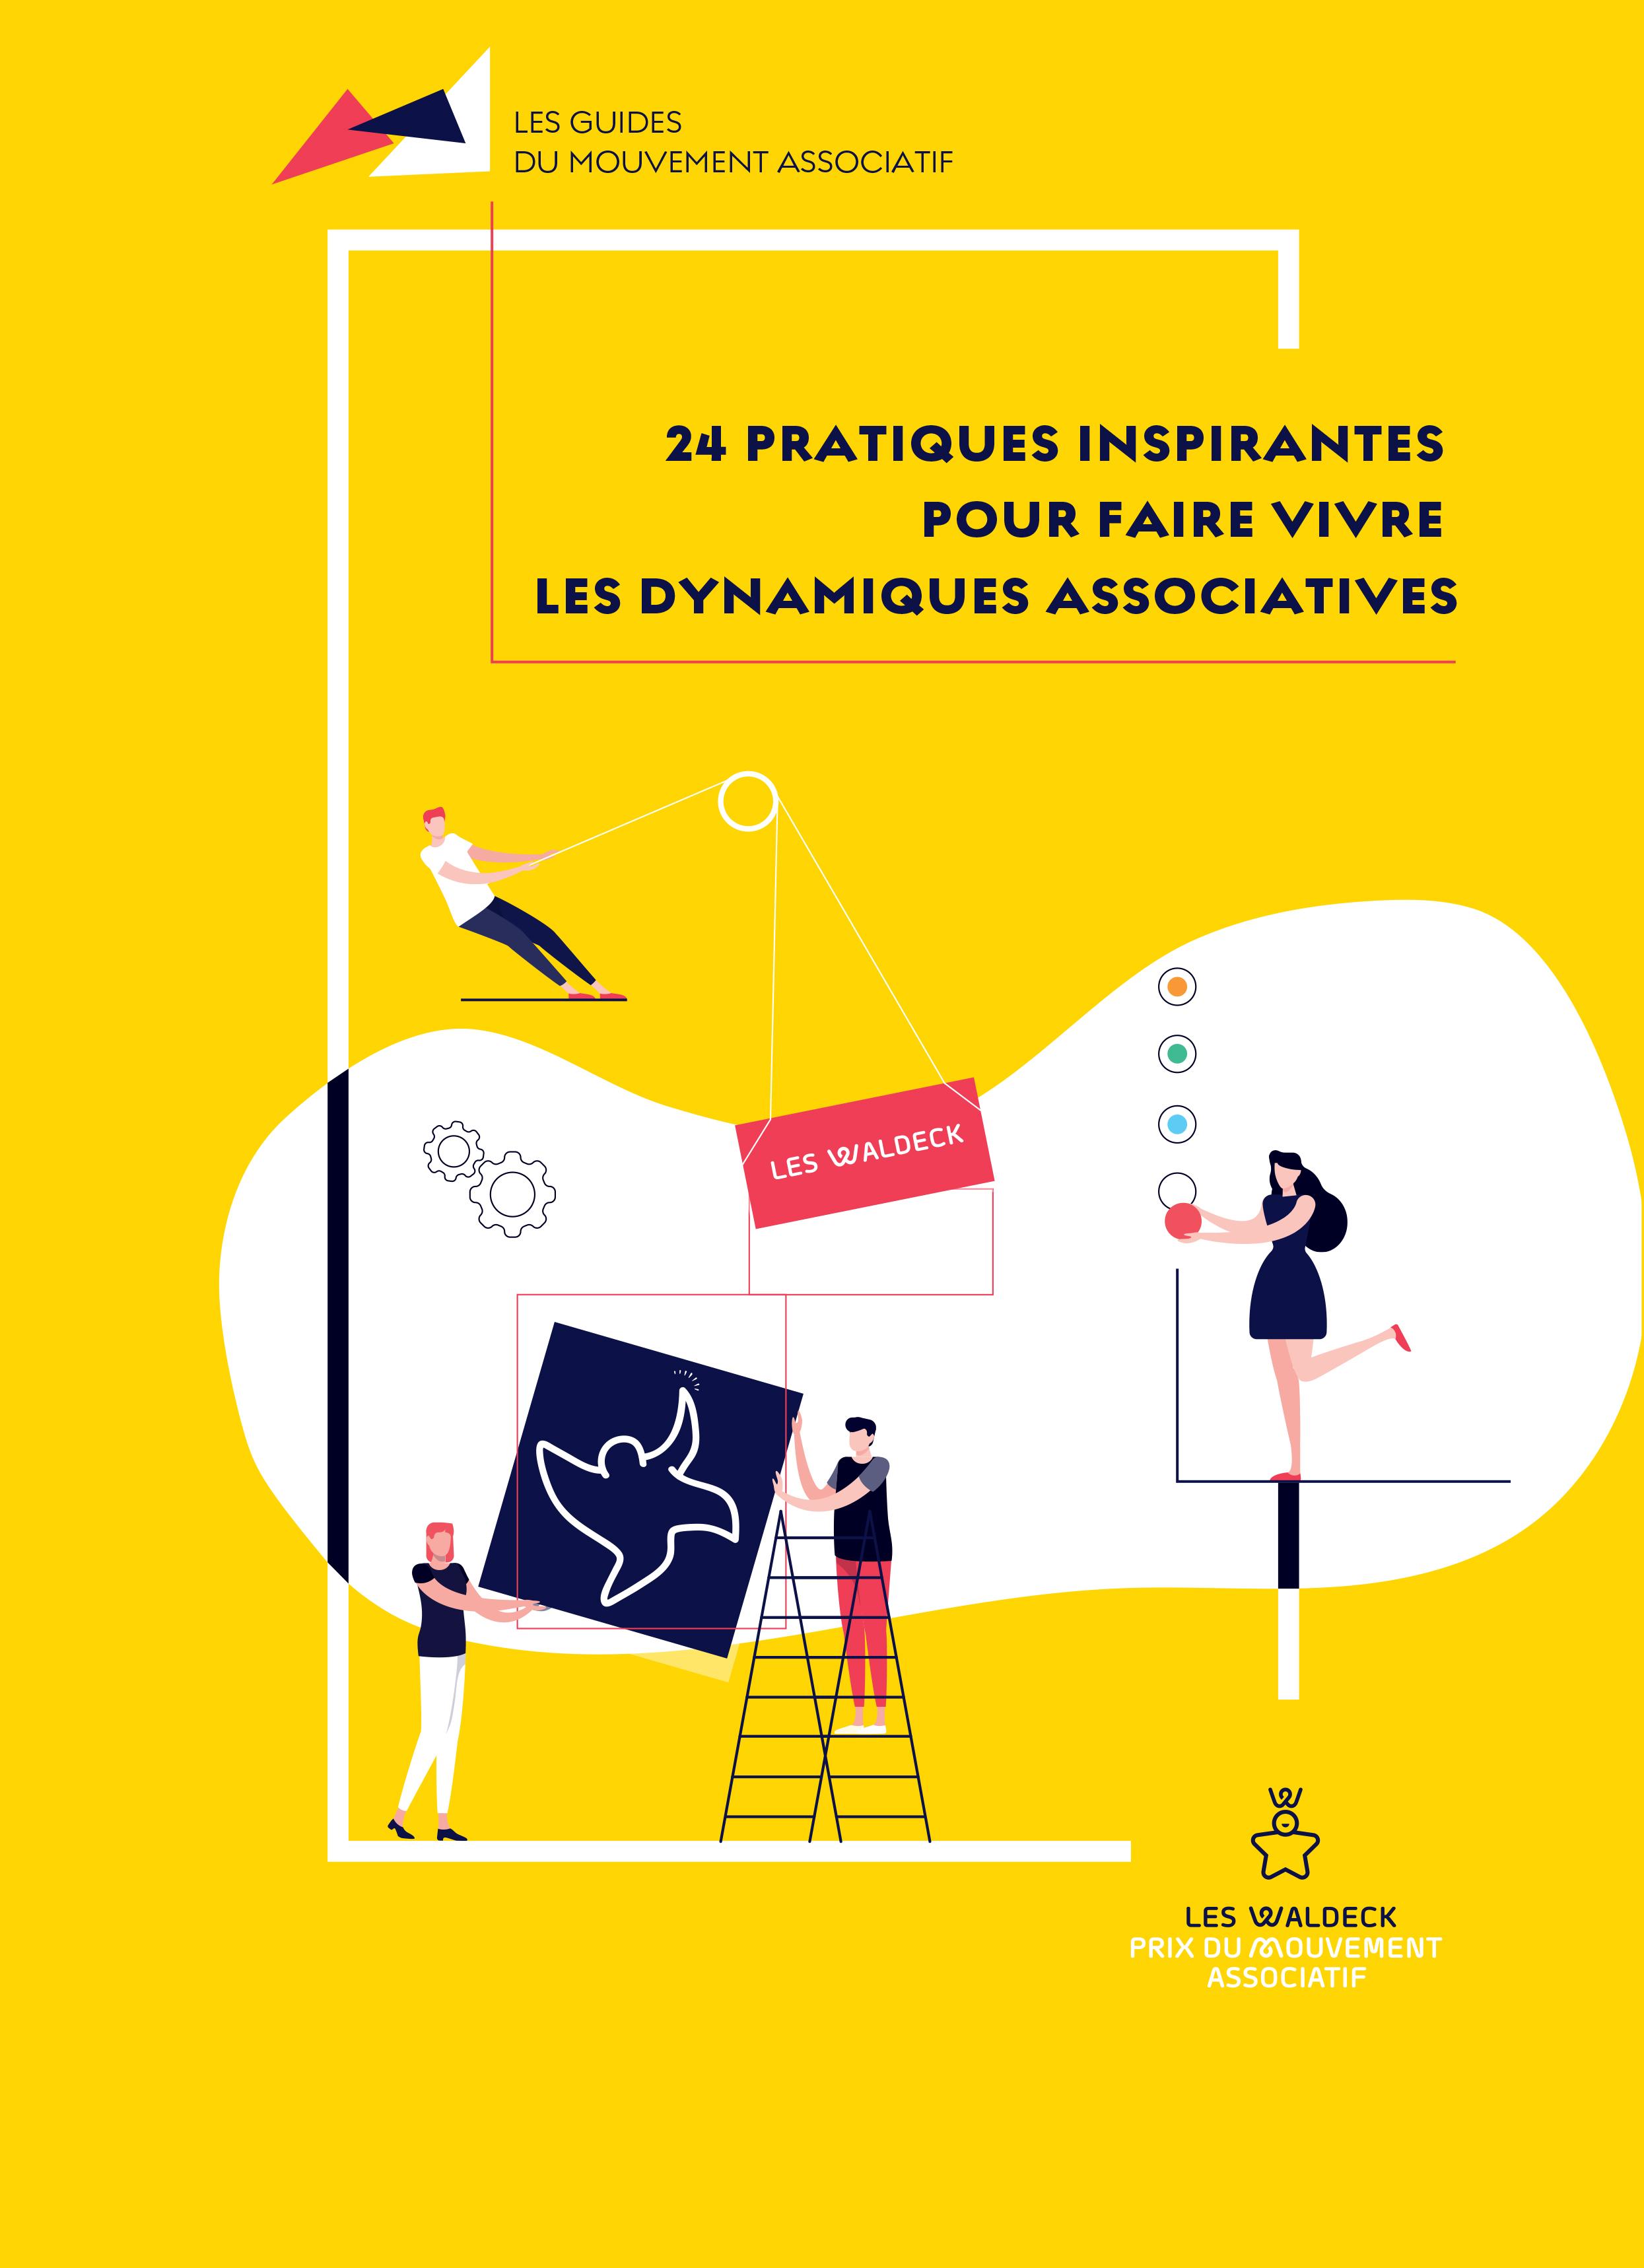 24 pratiques inspirantes pour faire vivre les dynamiques associatives